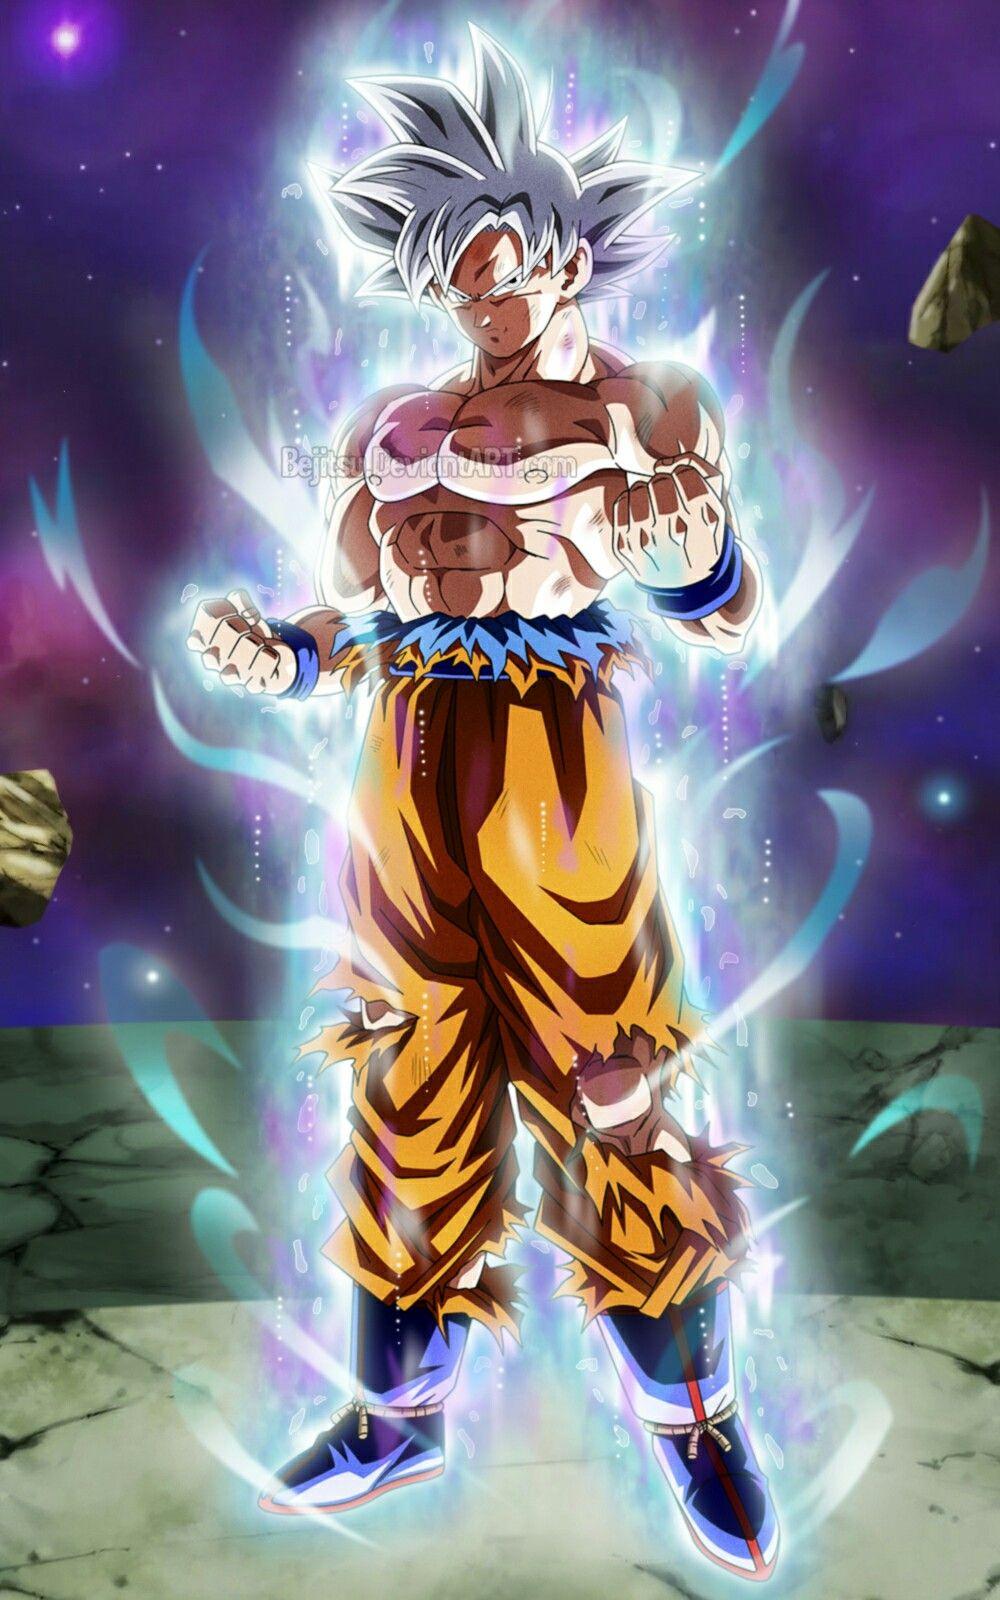 Goku ultra instinto dominado universo 7 goku dragon ball goku y dragon ball z - Imagenes de dragon ball super ultra instinto ...